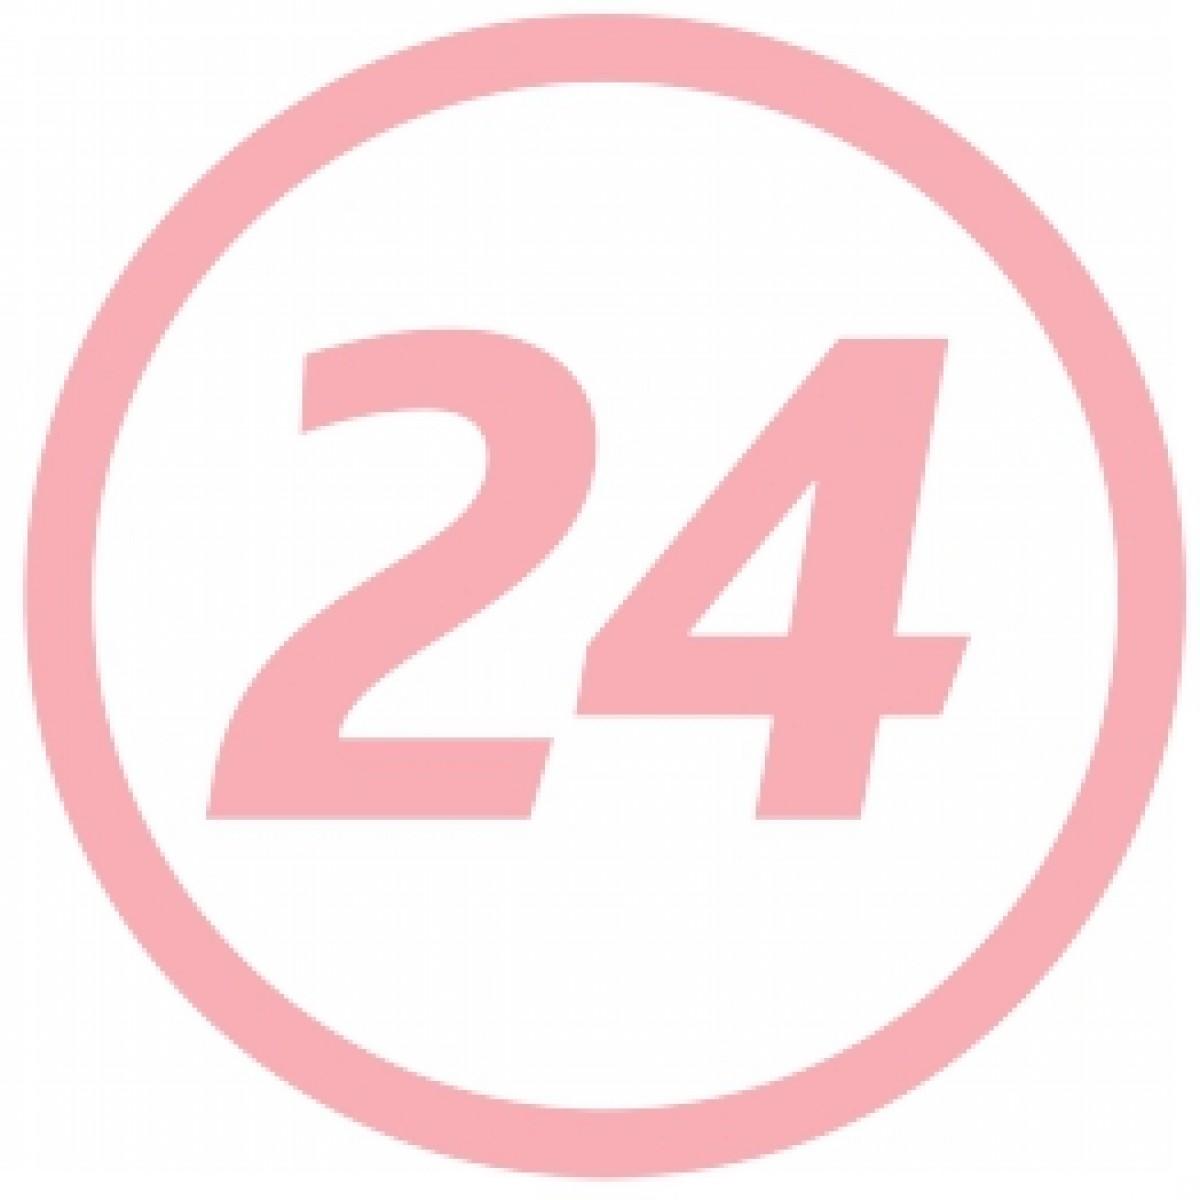 Zdrovit Mascara Med Classic, Mascara, 5ml